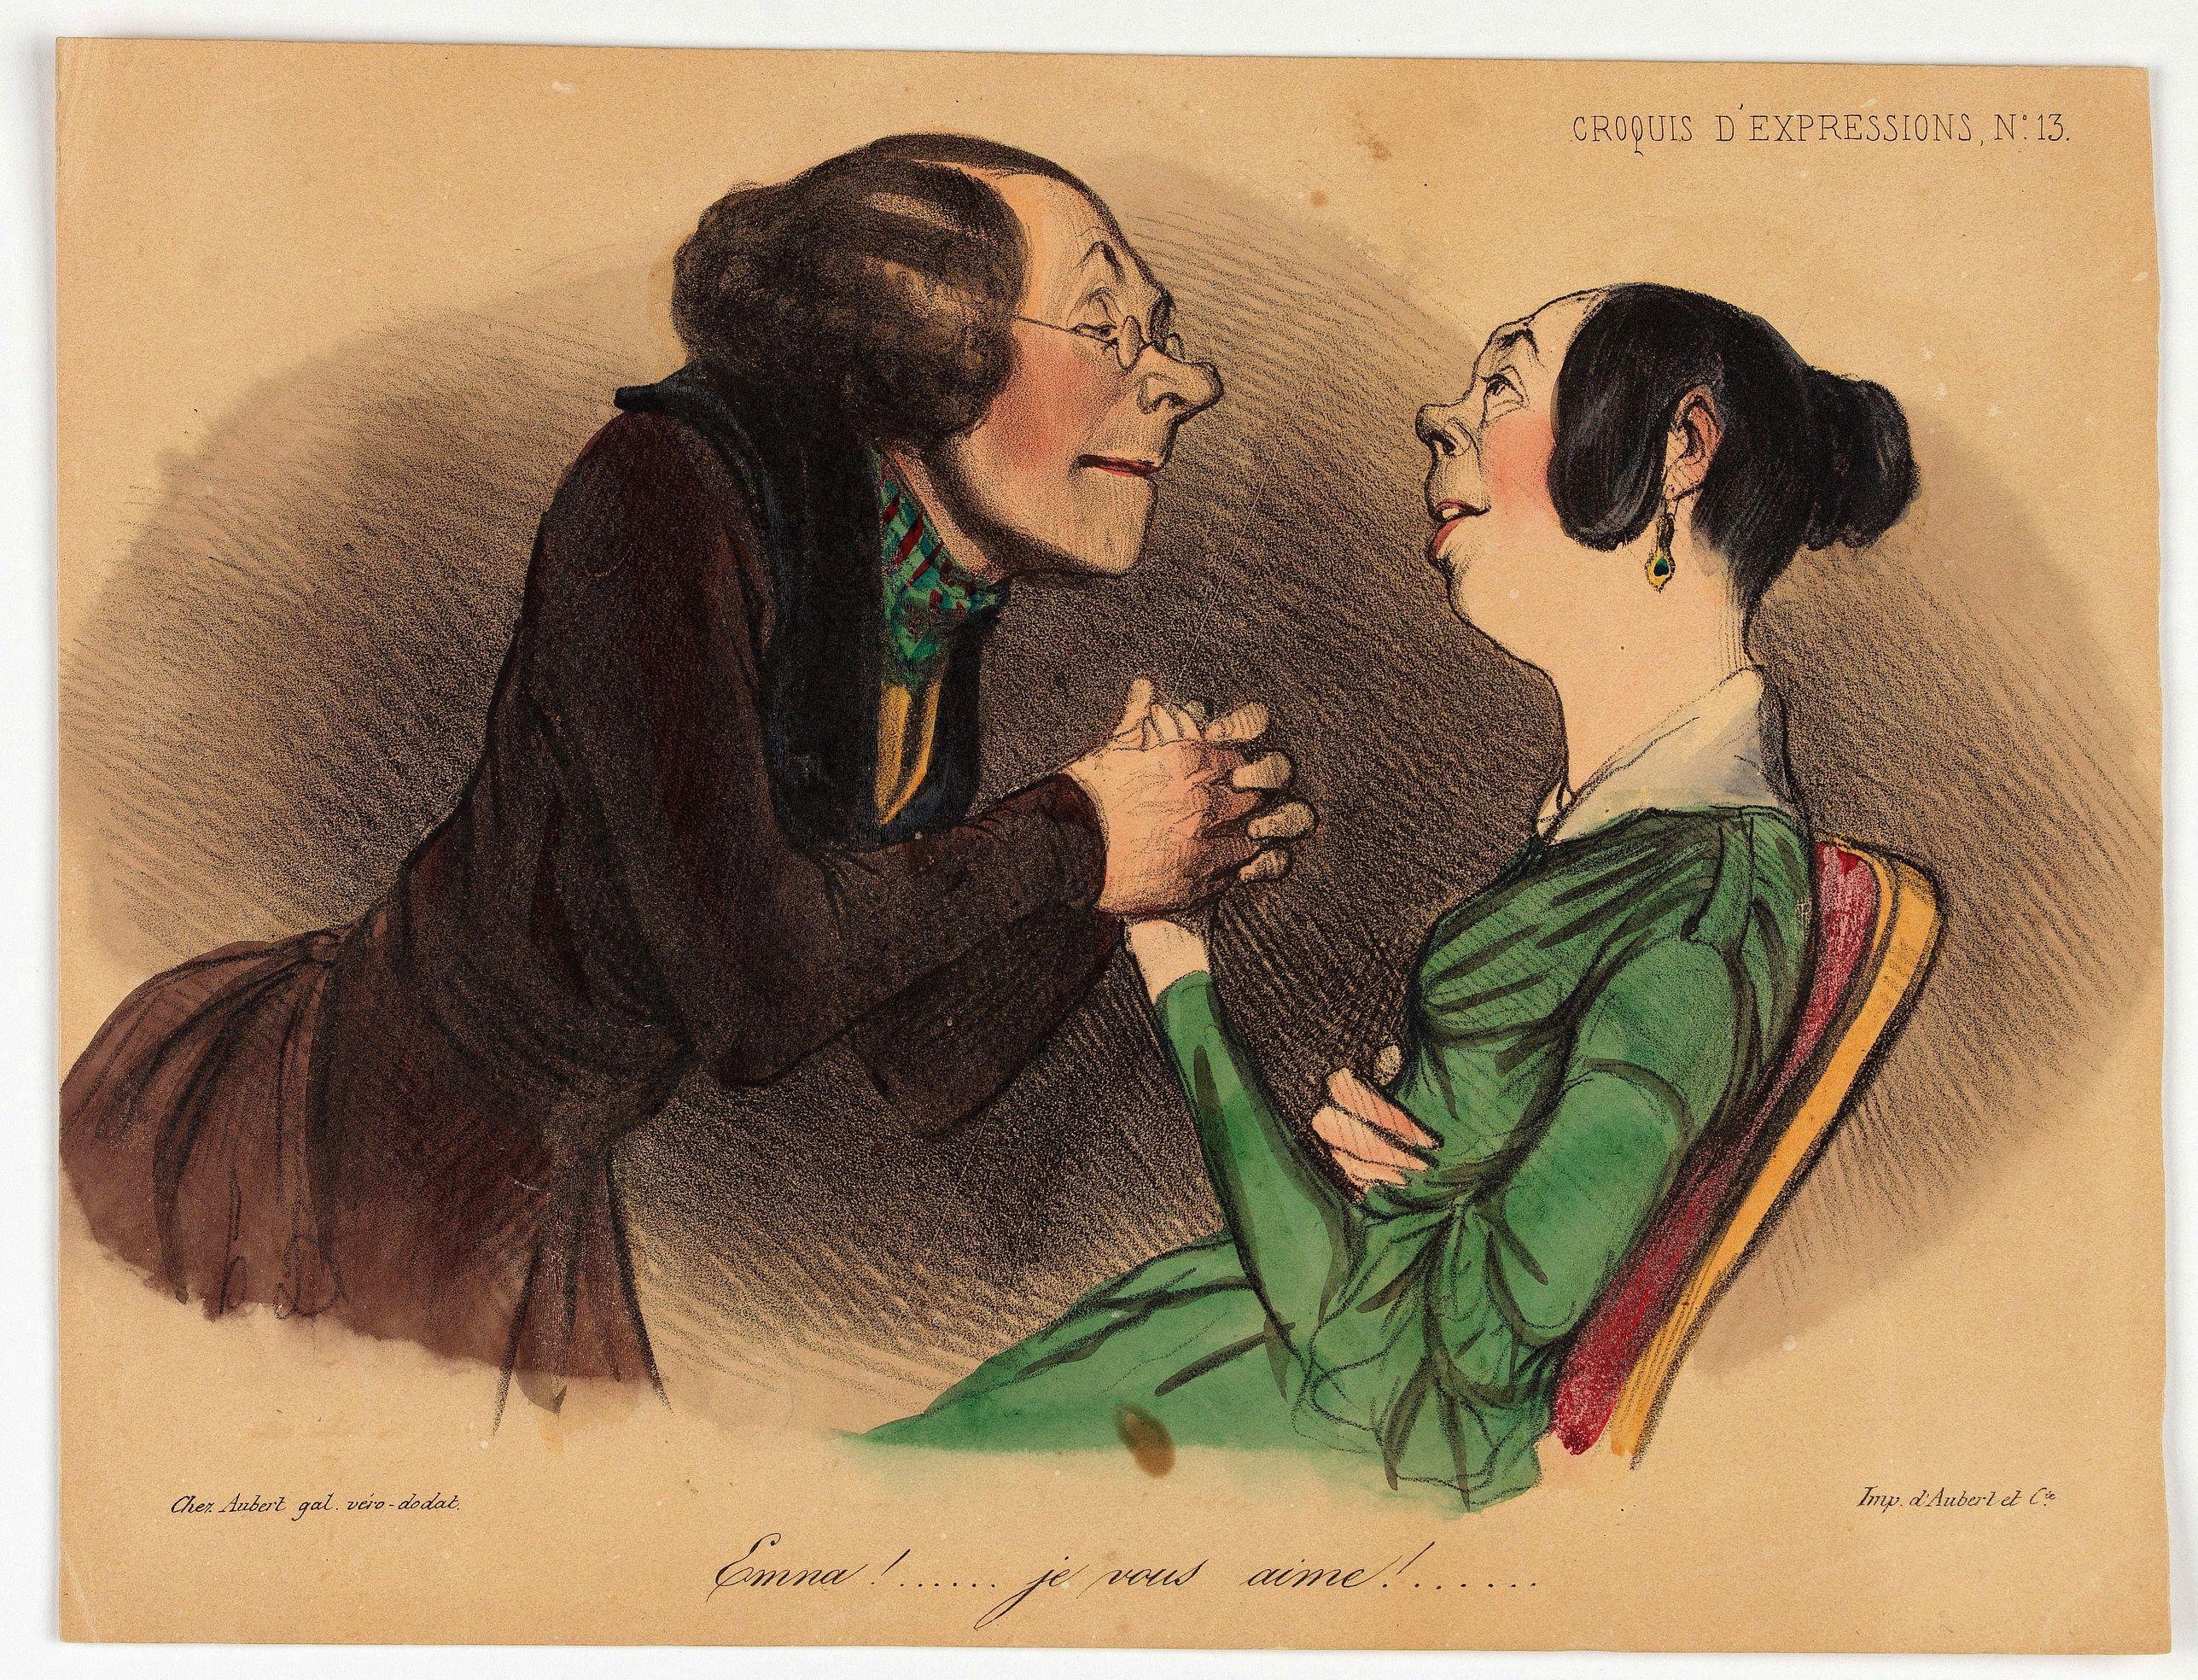 DAUMIER, H. -  Croquis d'expression. Emma! … je vous aime!... (Plate 13)